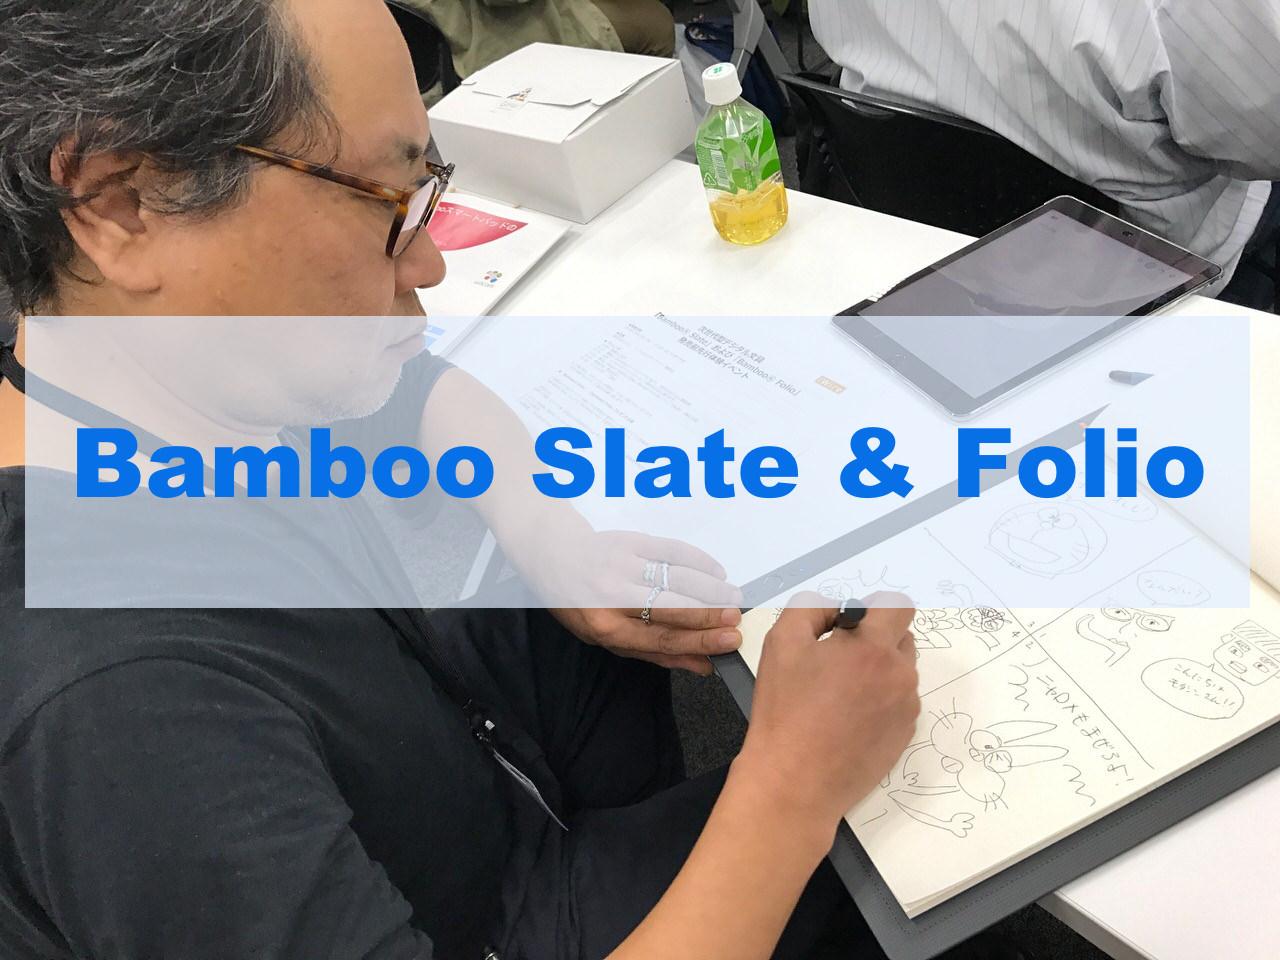 専用ペンは充電いらず!手書きをボタンのワンタップでデジタル化するワコム「Bamboo Slate」「Bamboo Folio」